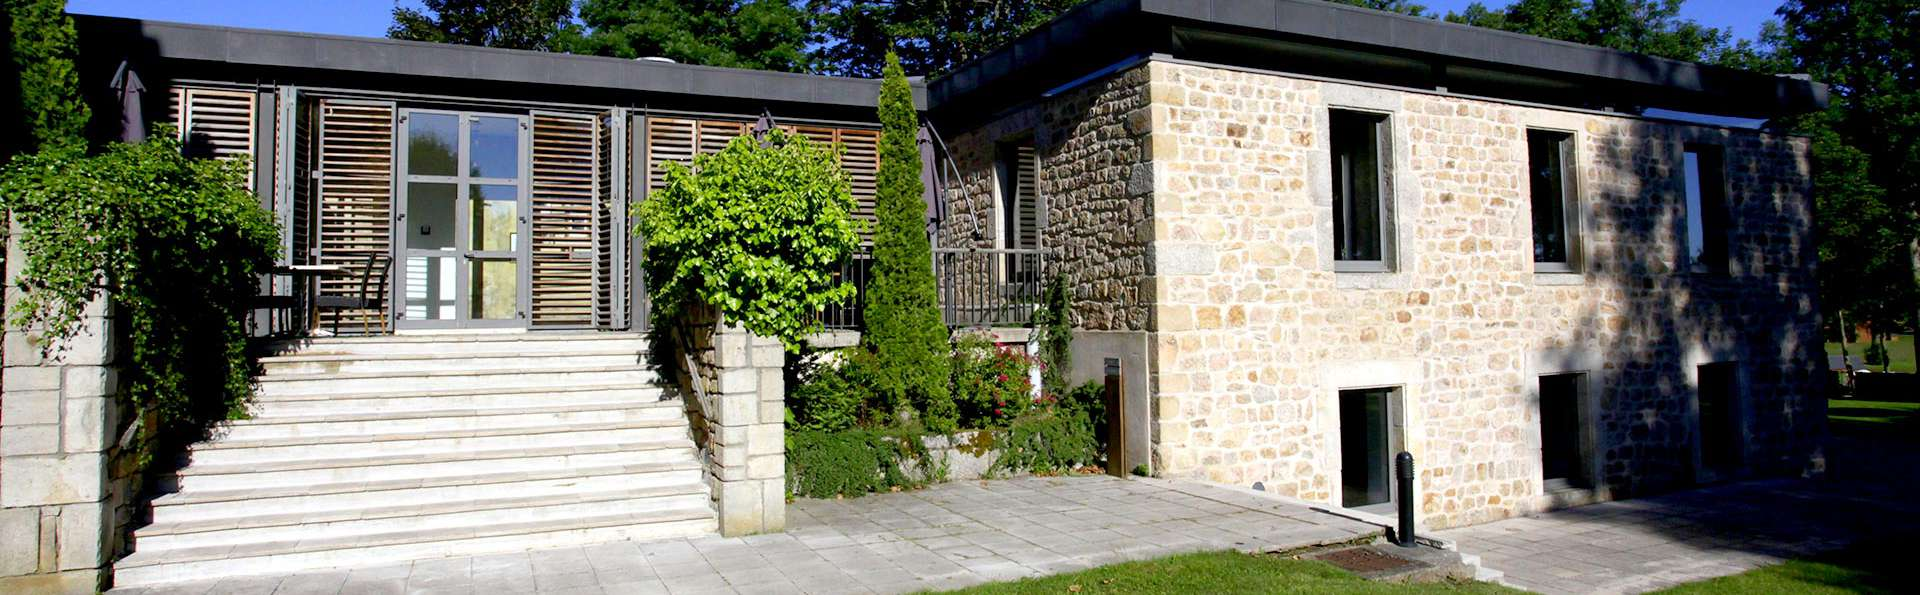 Séjour retour au source en Ardèche avec accès à l'espace bien-être